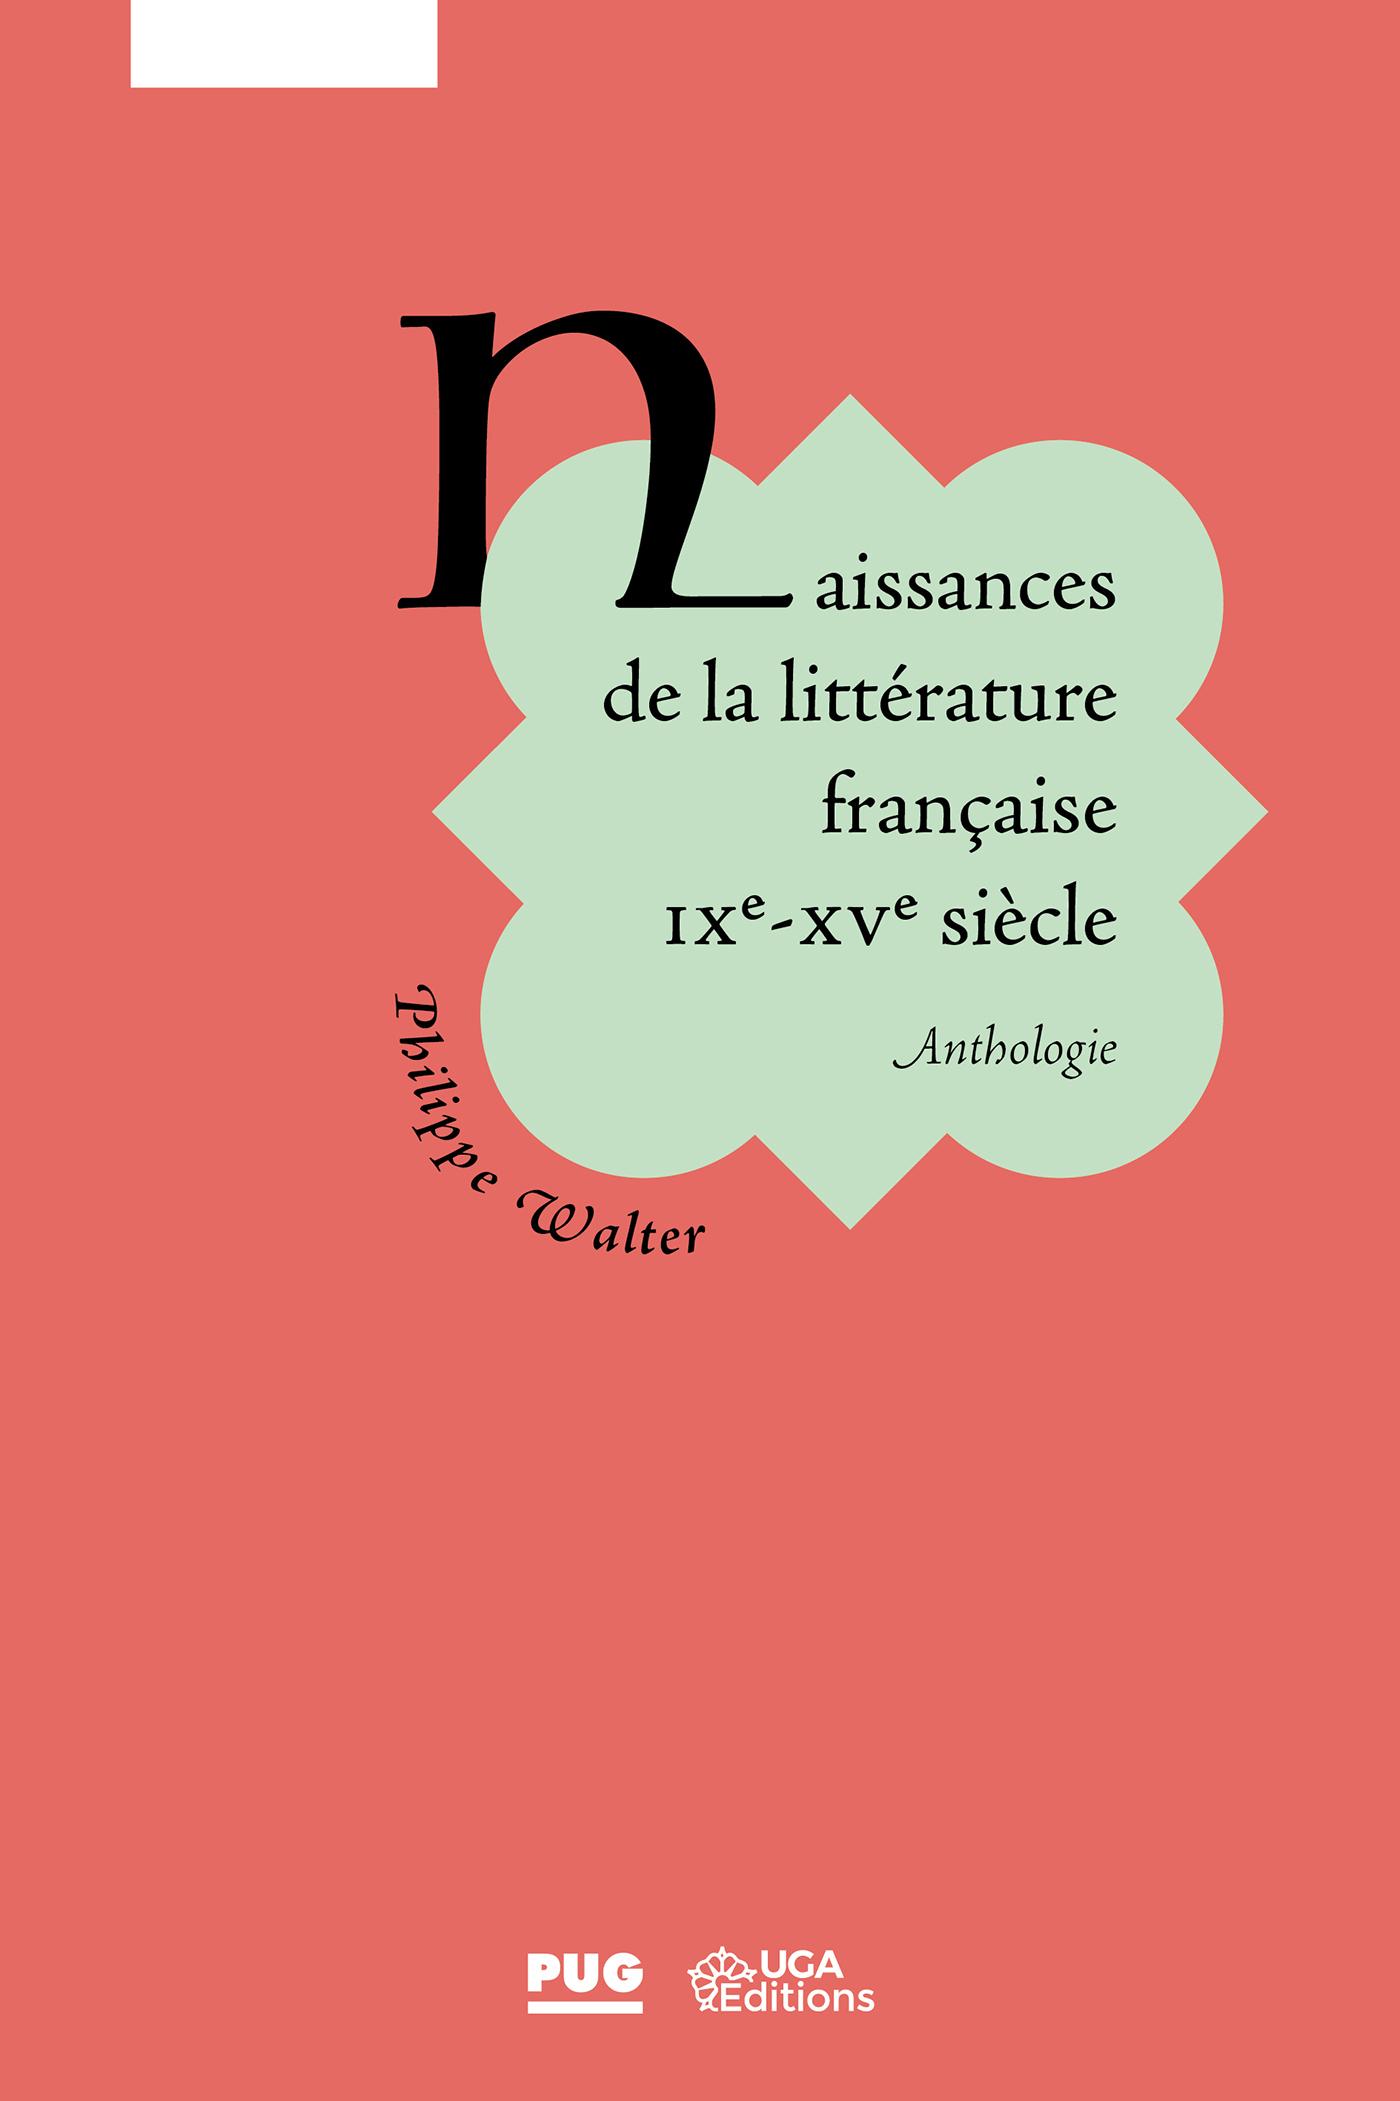 NAISSANCE DE LA LITTERATURE FRANCAISE - IXE - XVE SIECLE - ANTHOLOGIE